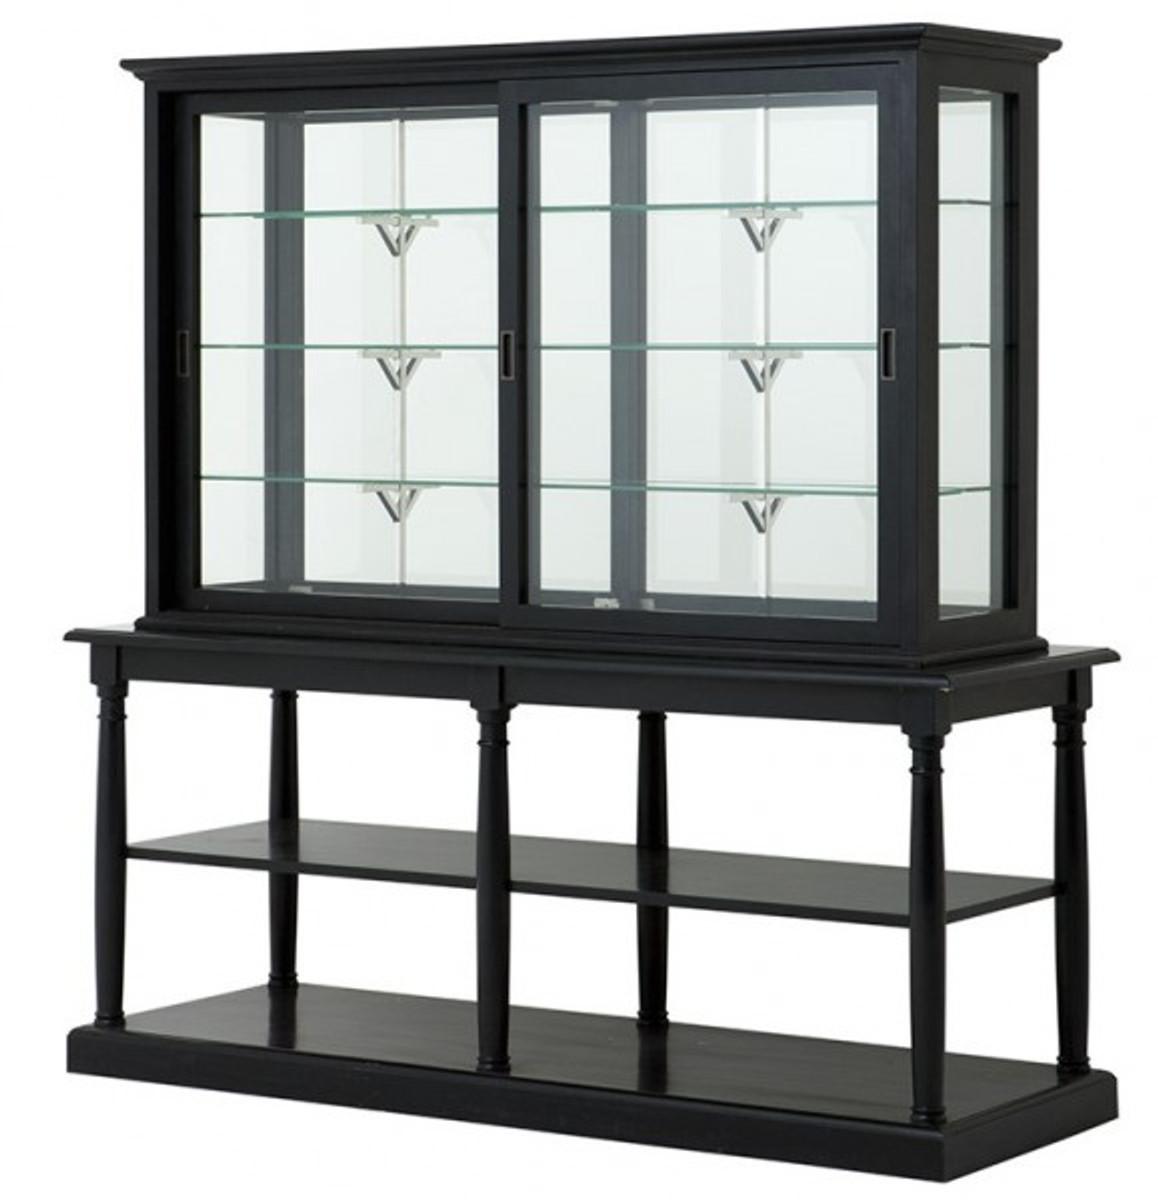 luxus glasvitrine mit ablage ladeneinrichtung shop hotel mobel nortbrook luxus kategorie eichenholz